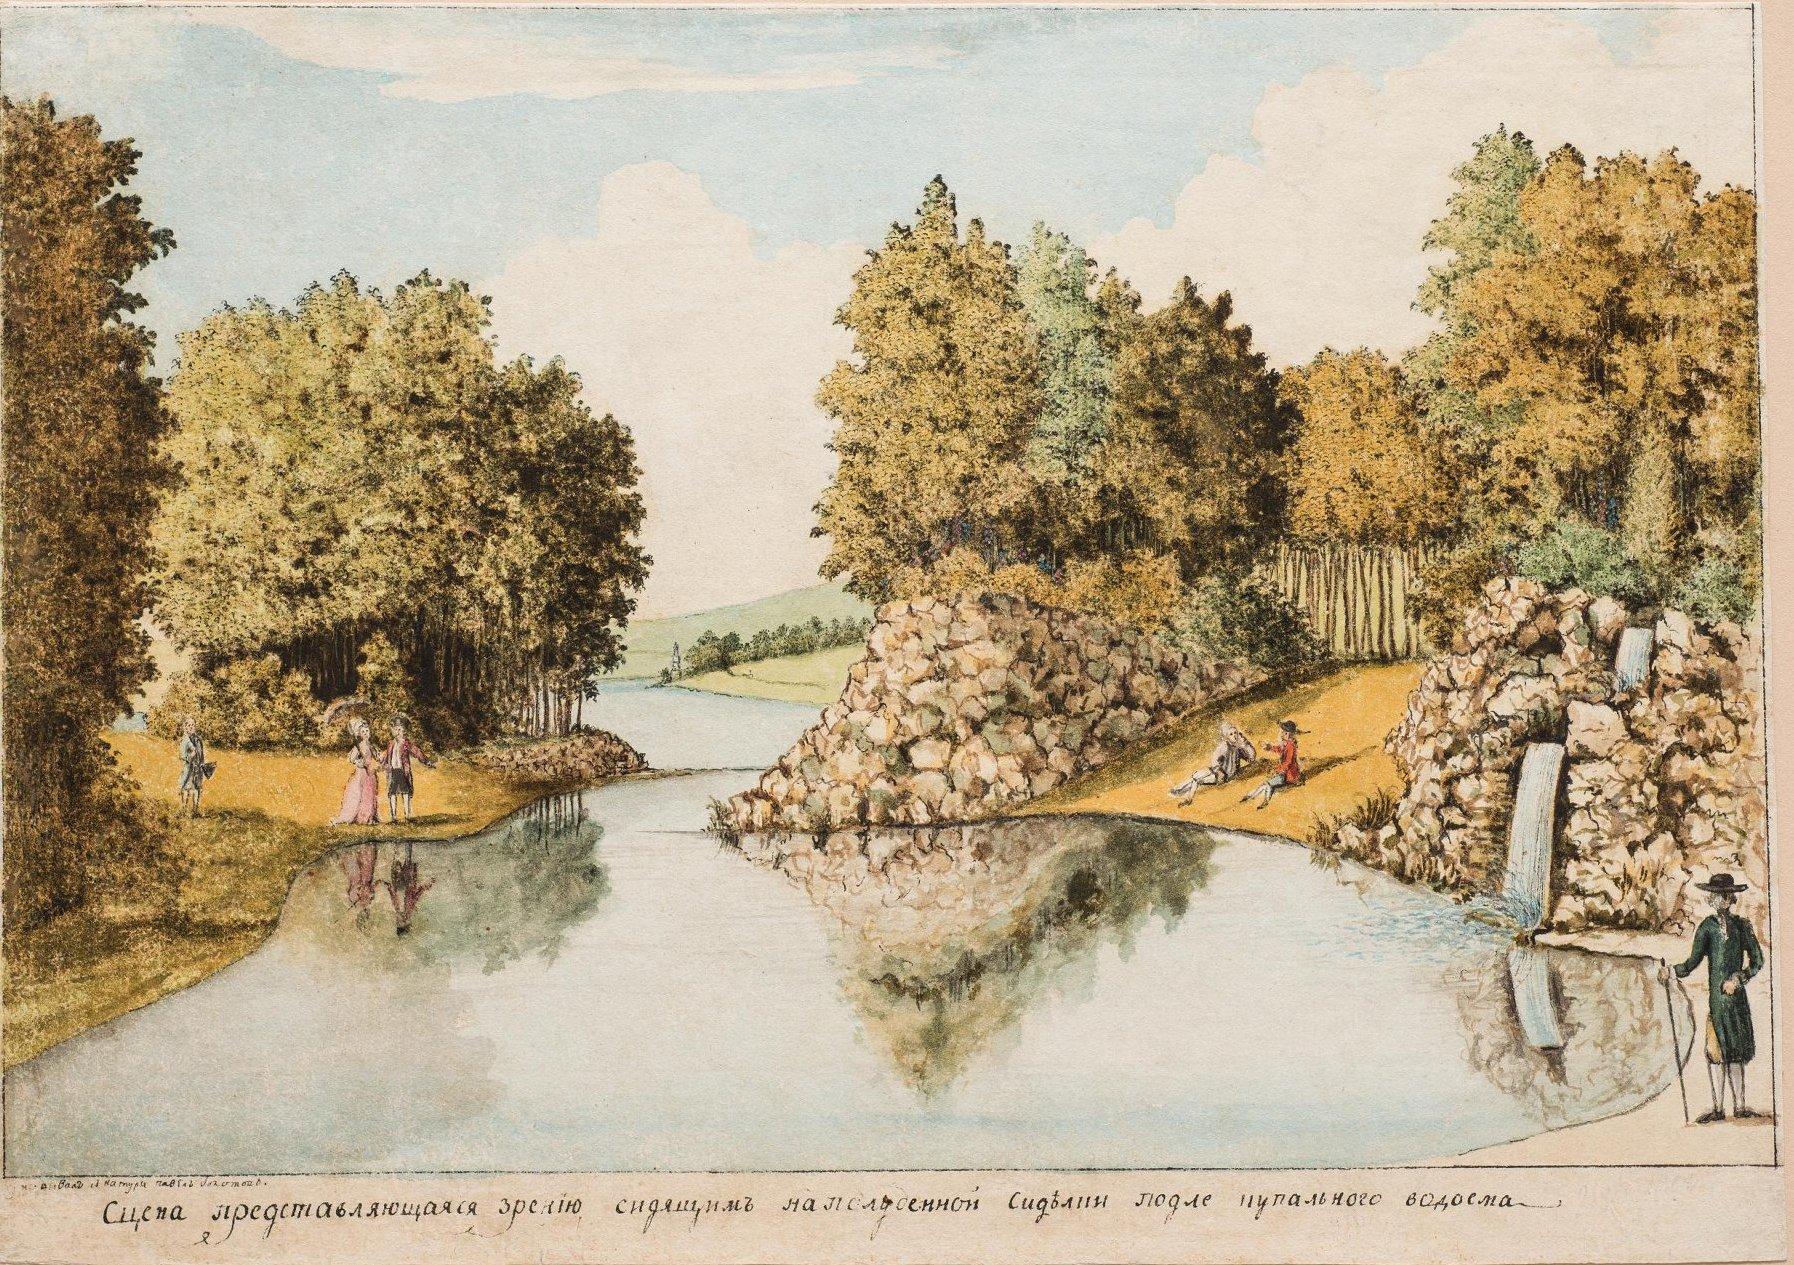 Вид на купальный пруд от Полуденной сиделки в Богородицком парке (Сцена представляющаяся зрению сидящим на полуденной сиделке подле купального водоема)